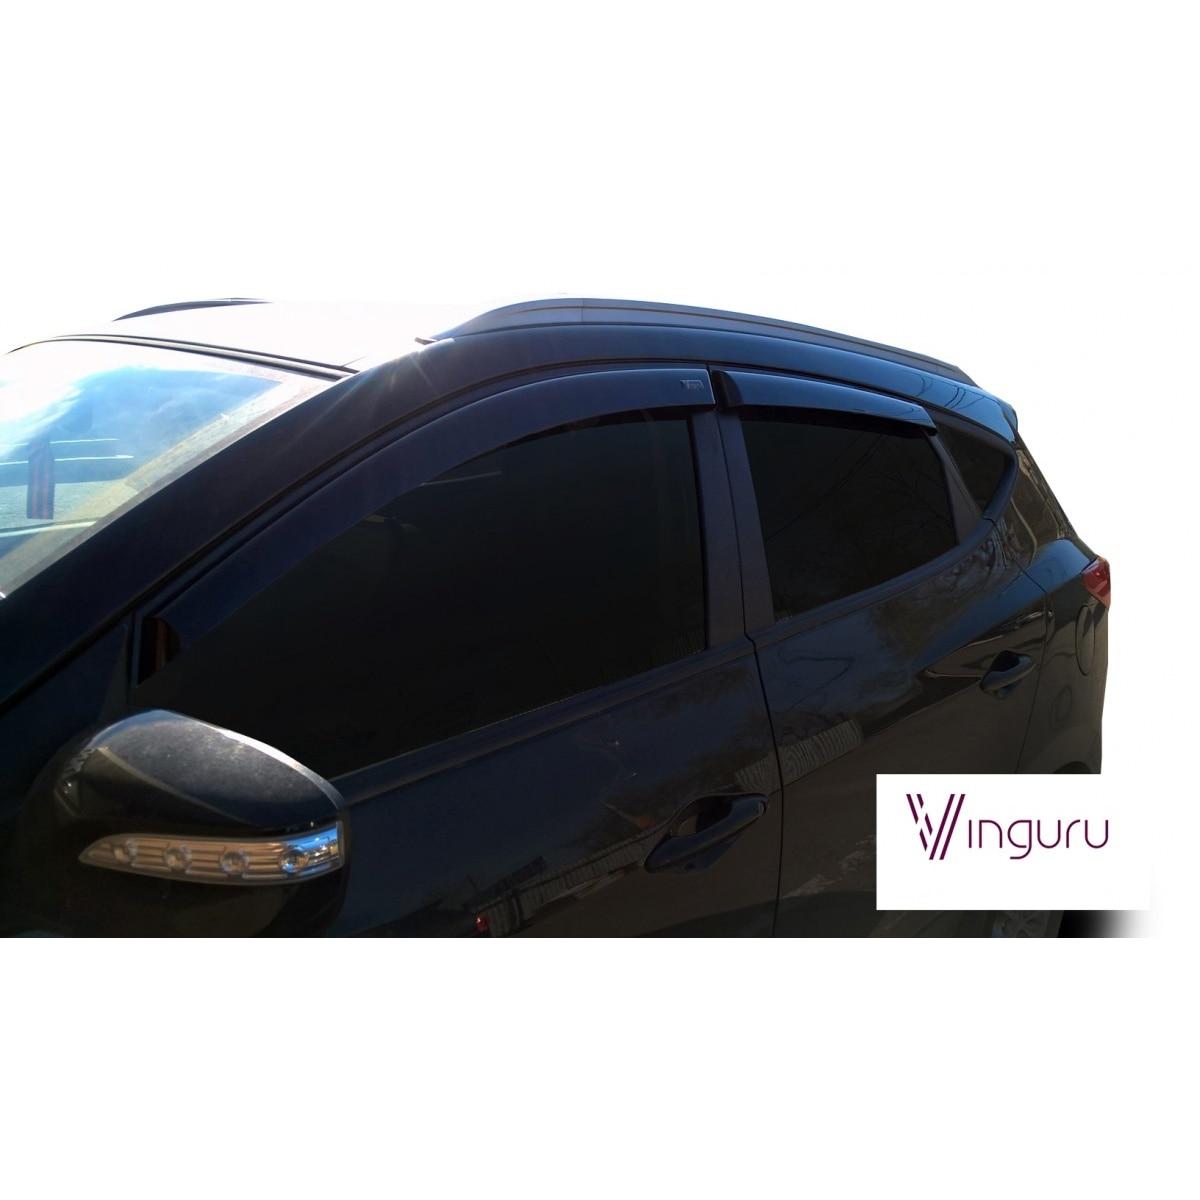 Window Deflectors Vinguru Hyundai Ix35 2010-overhead Scotch-T 4 PCs